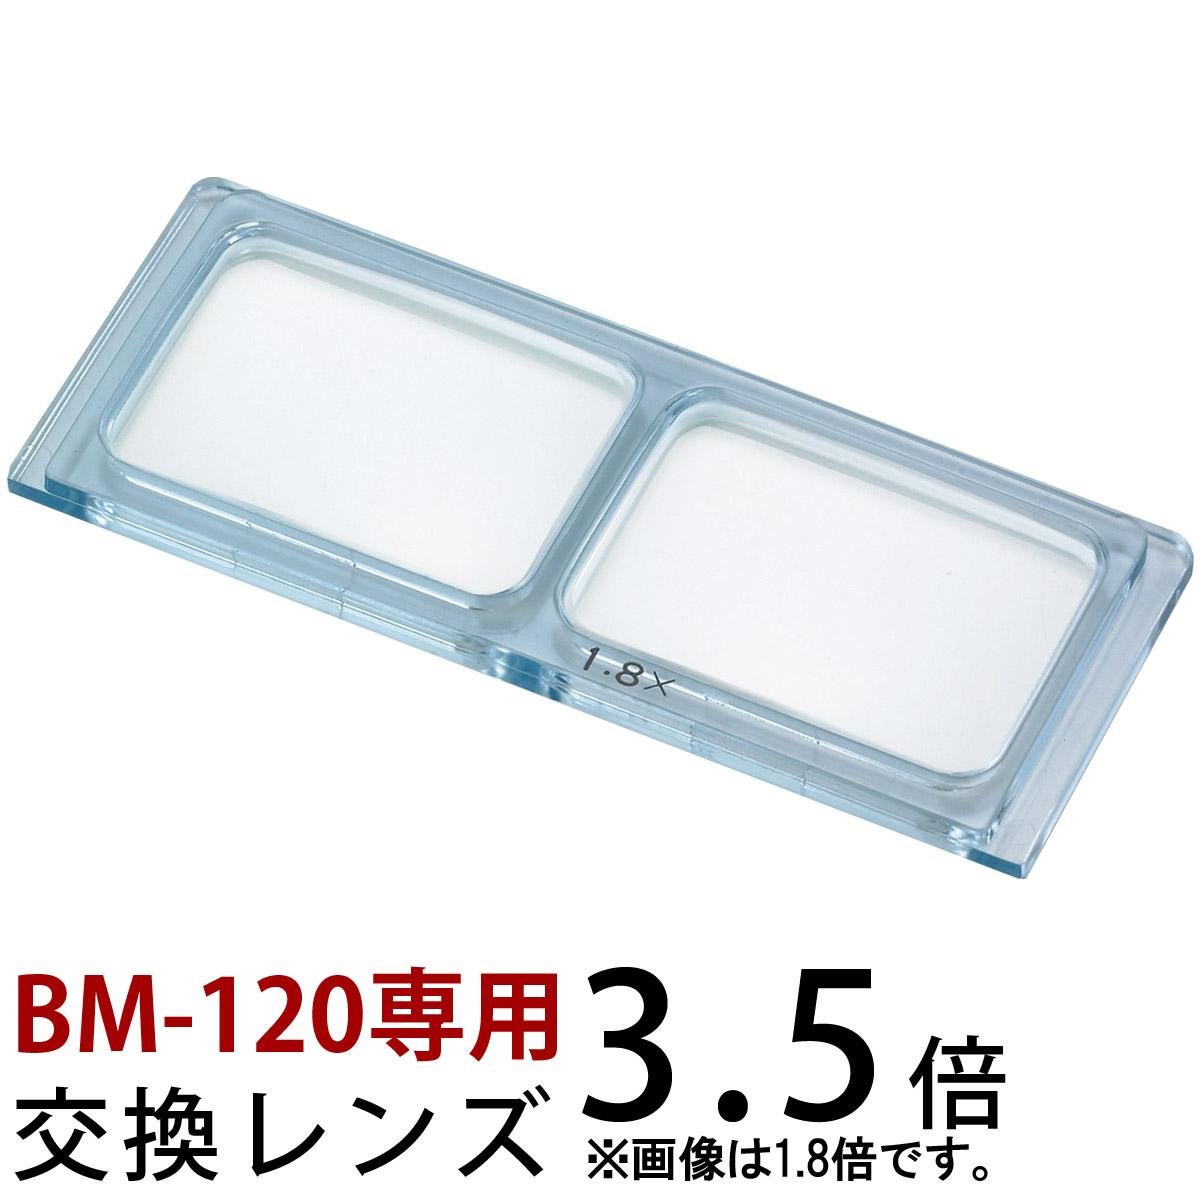 【ゆうメール便送料無料】 ヘッドルーペ 双眼ヘッドルーペ 交換レンズ BM-120D1 3.5倍 BM-120専用 池田レンズ